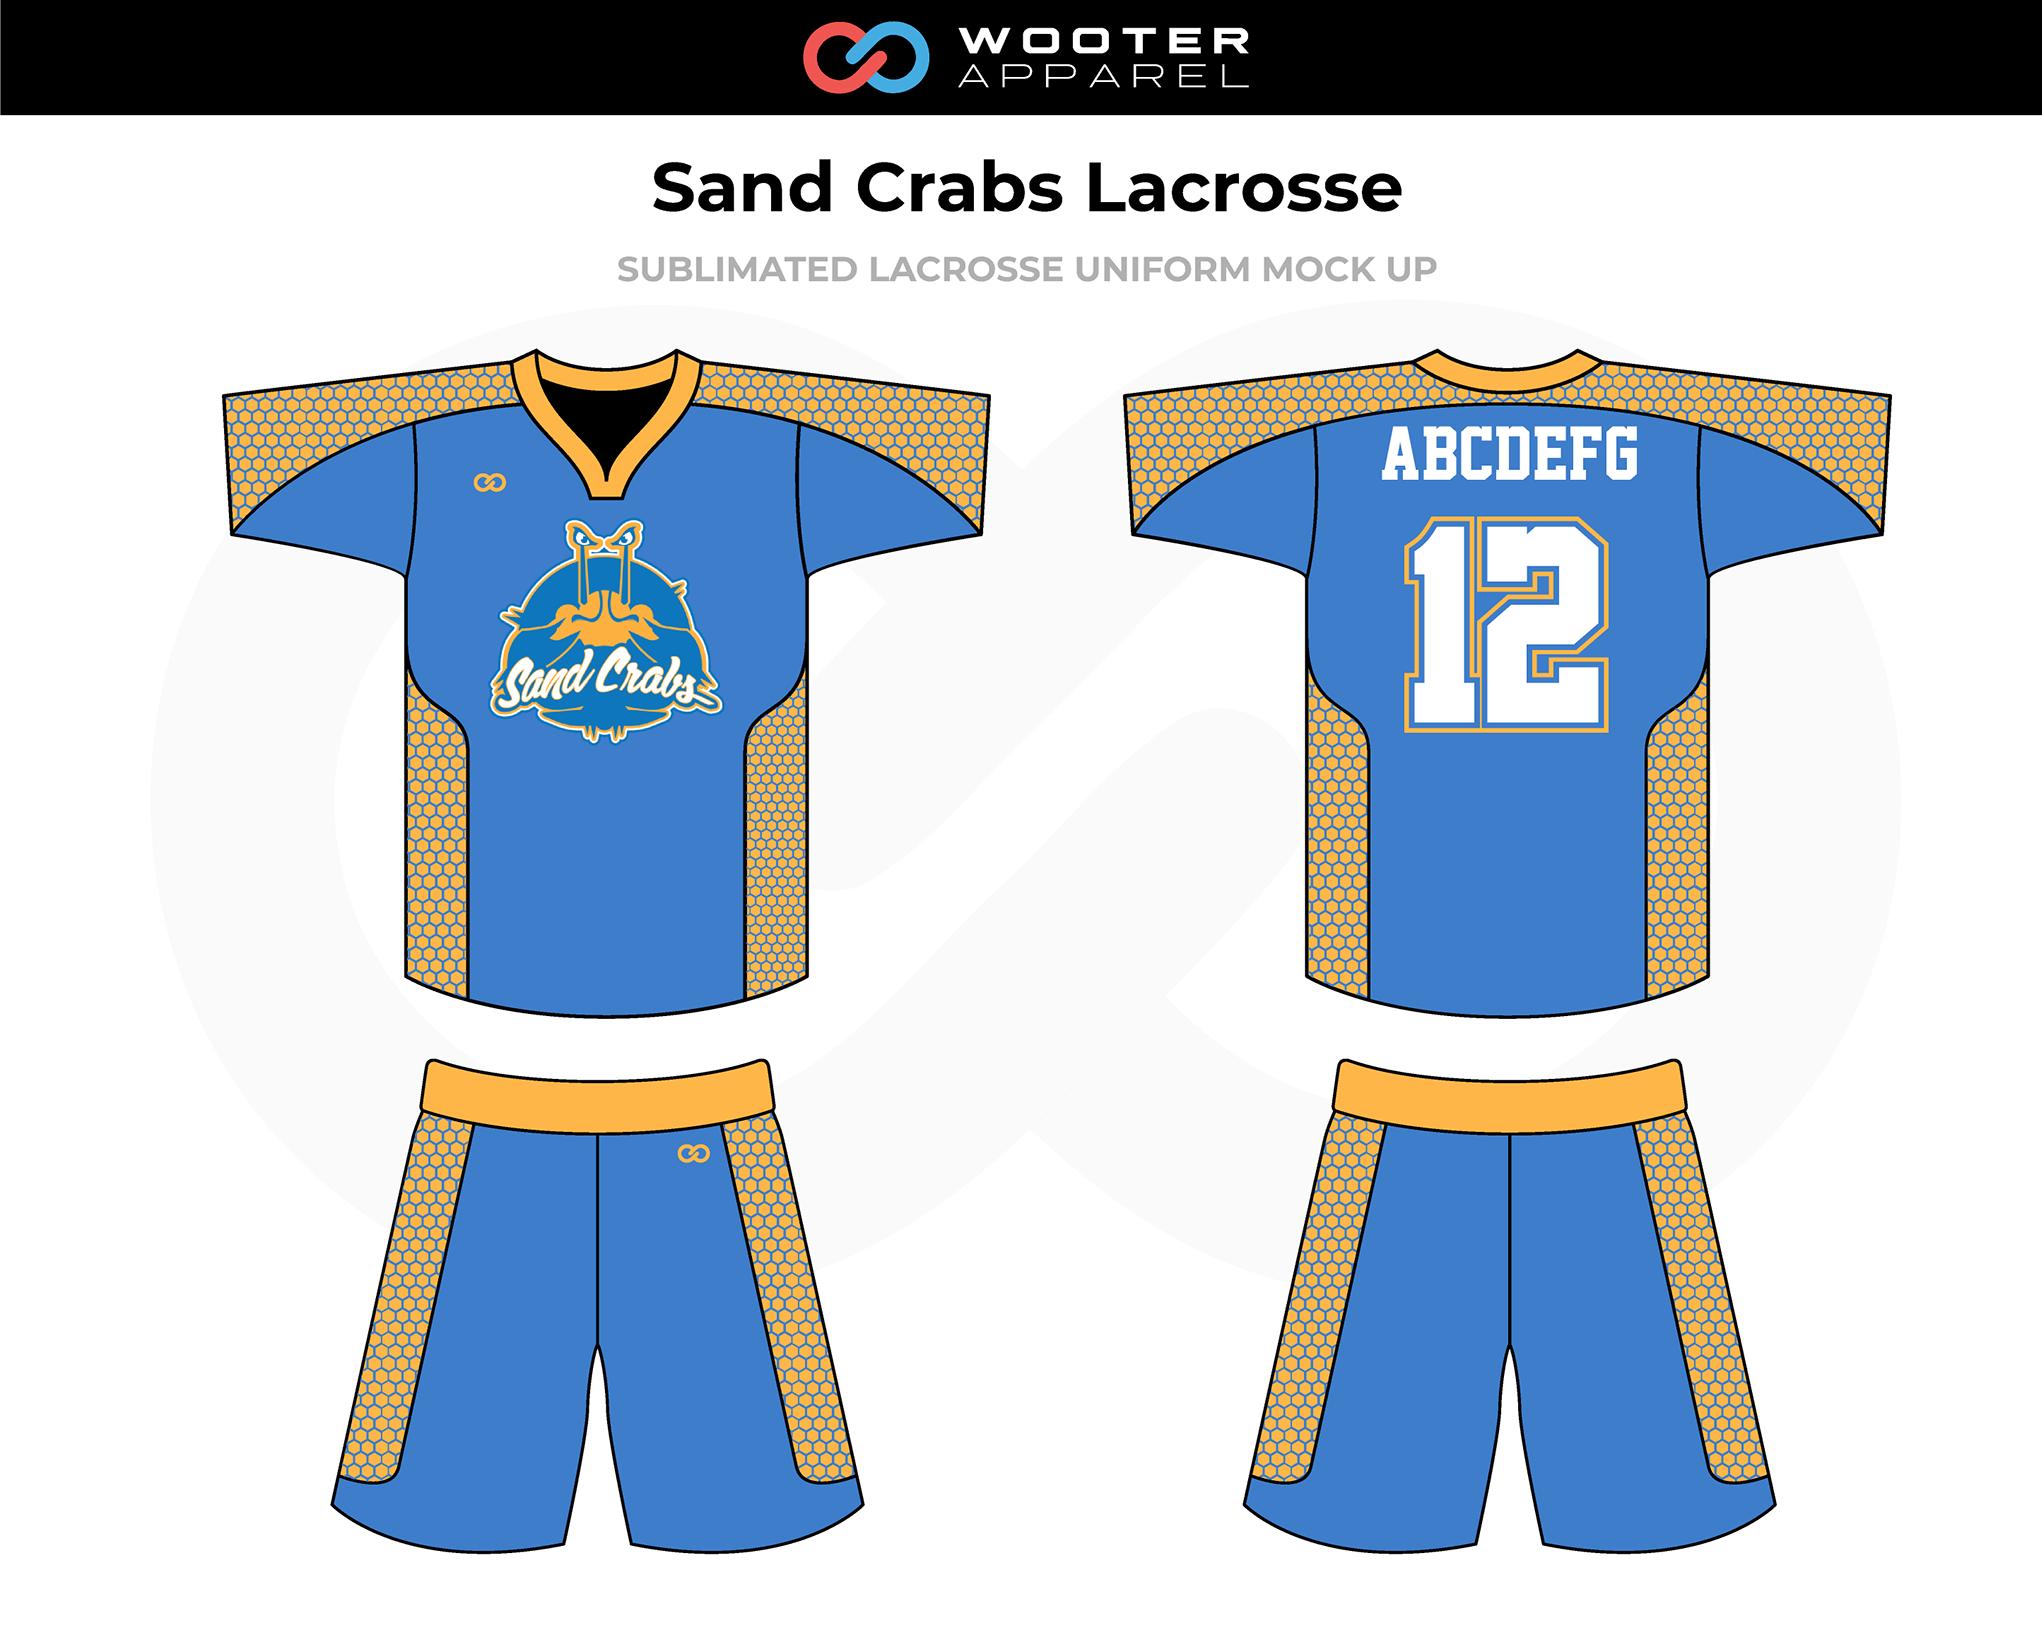 2019-01-17 Sand Crabs Lacrosse Uniform A1.png